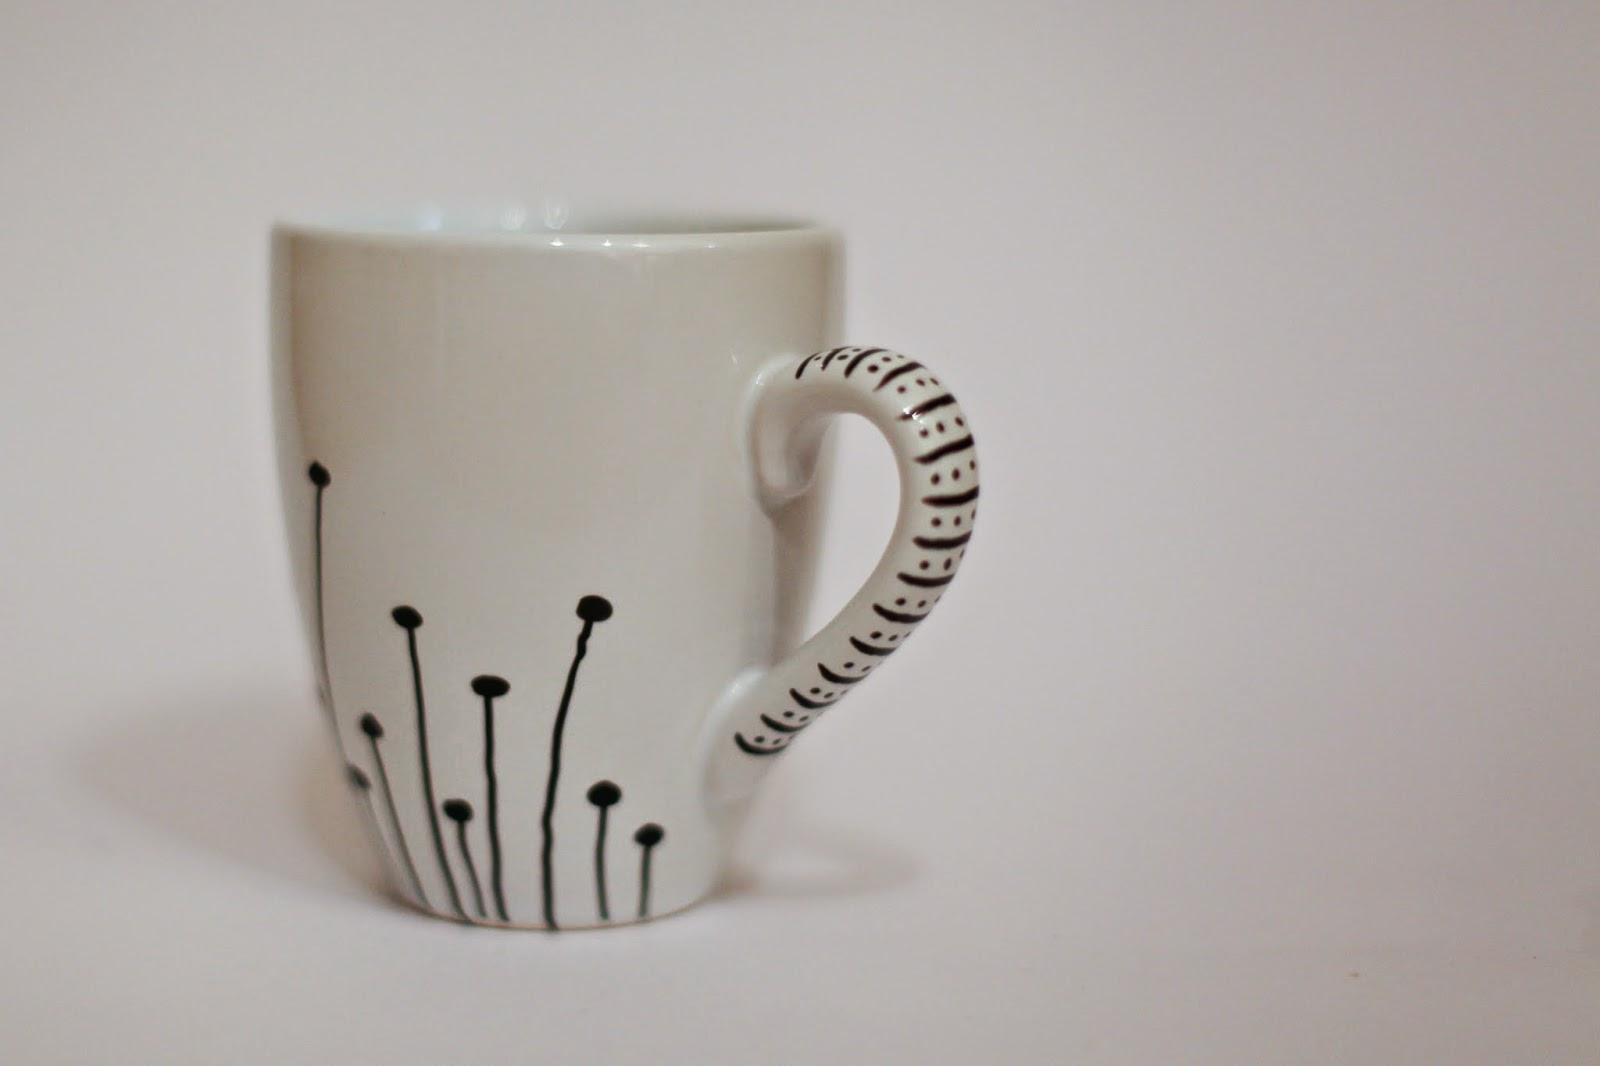 selbstgemacht ist selbstgemacht diy porzellanmalstift trifft tasse. Black Bedroom Furniture Sets. Home Design Ideas